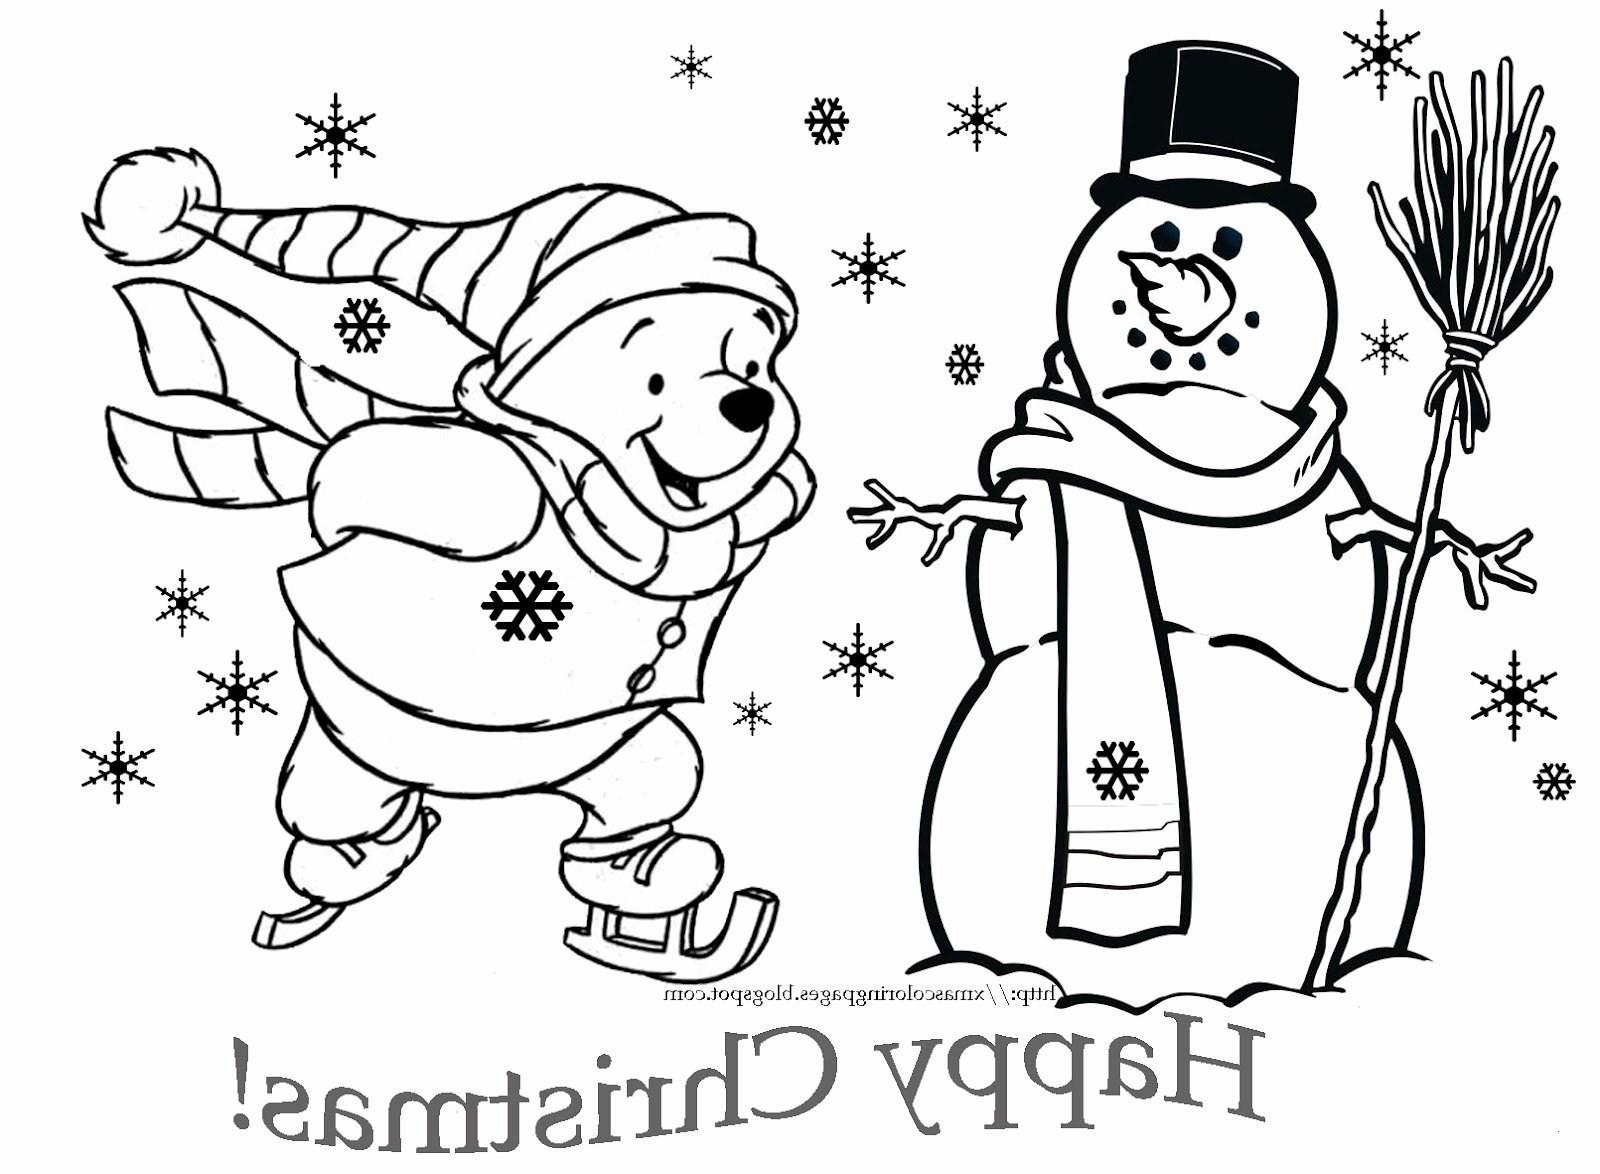 Ausmalbild Winnie Pooh Genial 28 Beste Von Winnie Pooh Ausmalbilder – Malvorlagen Ideen Fotos